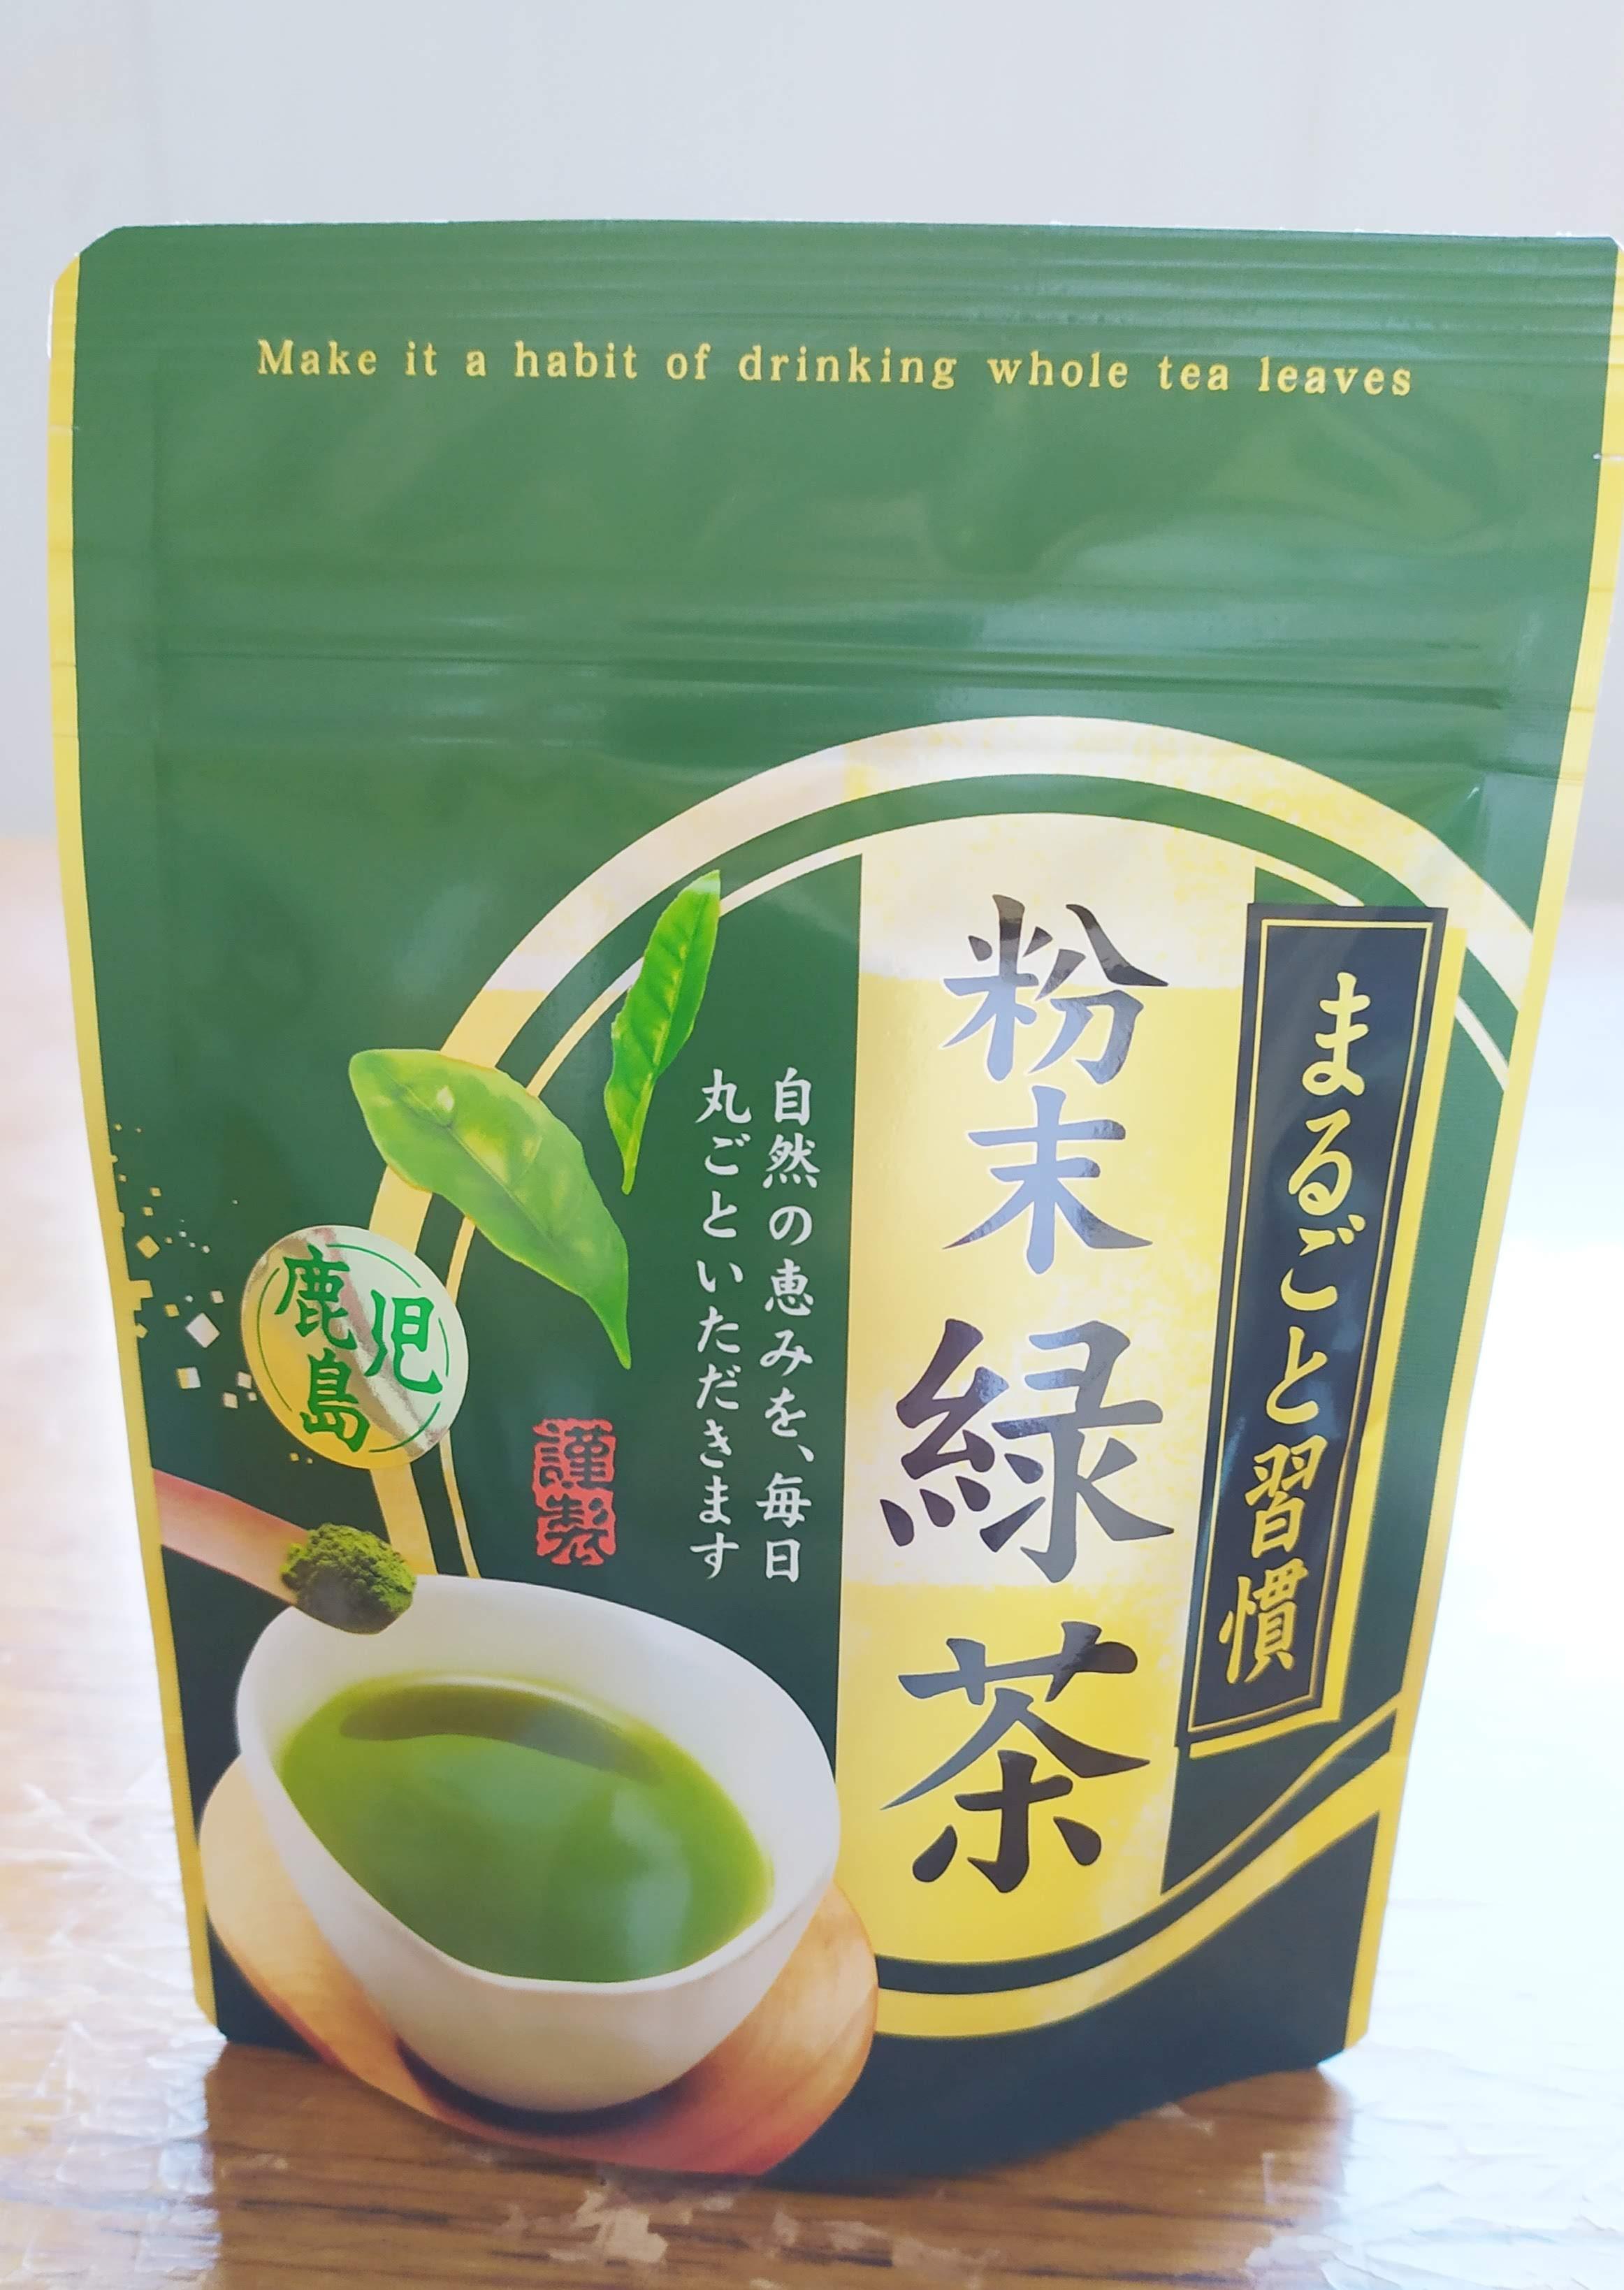 鹿児島県産 粉末緑茶 50g